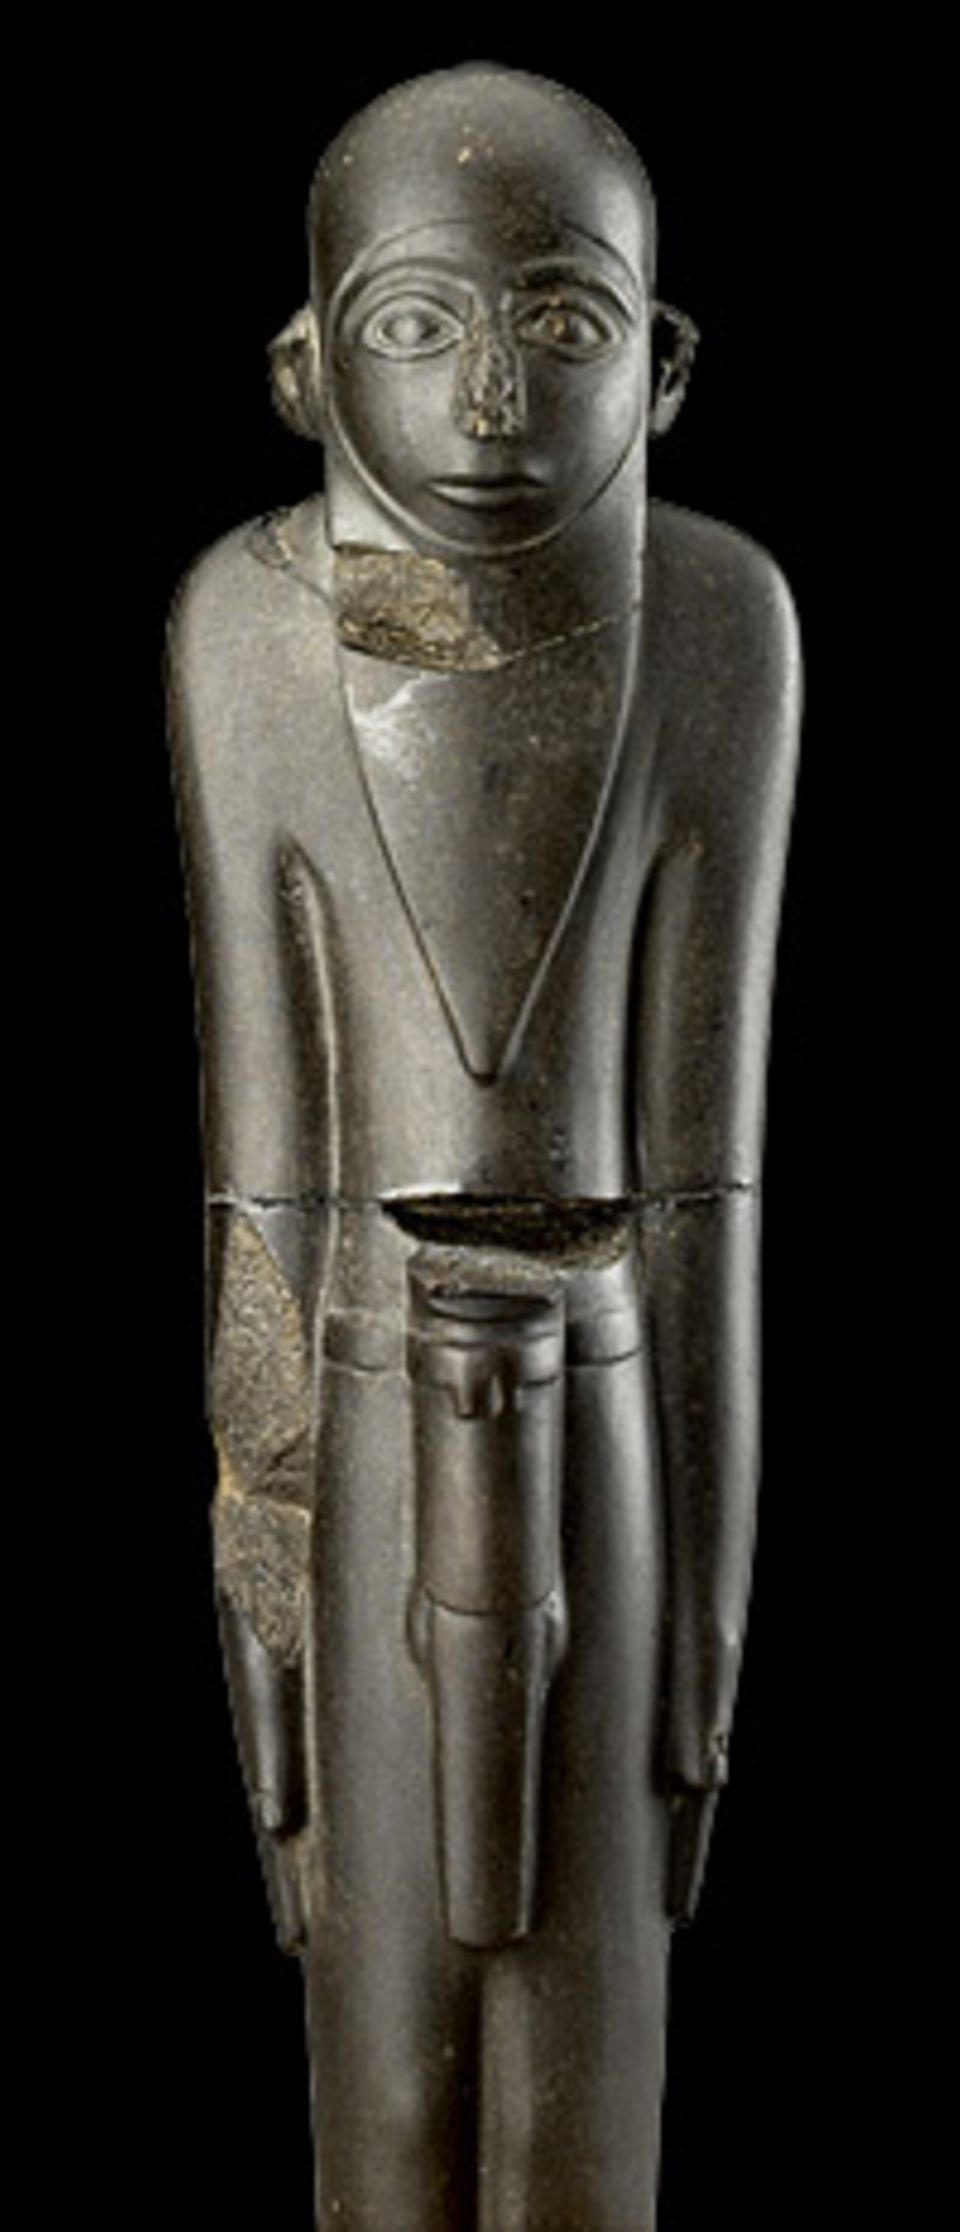 GEO EPOCHE Edition: Starr und unbewegt schaut dieser bärtige Mann seinem Betrachter entgegen. Die Basalt-Statue entsteht um 3350 v. Chr. und gehört zu den frühesten dreidimensionalen Kunstwerken im Land der Pharaonen